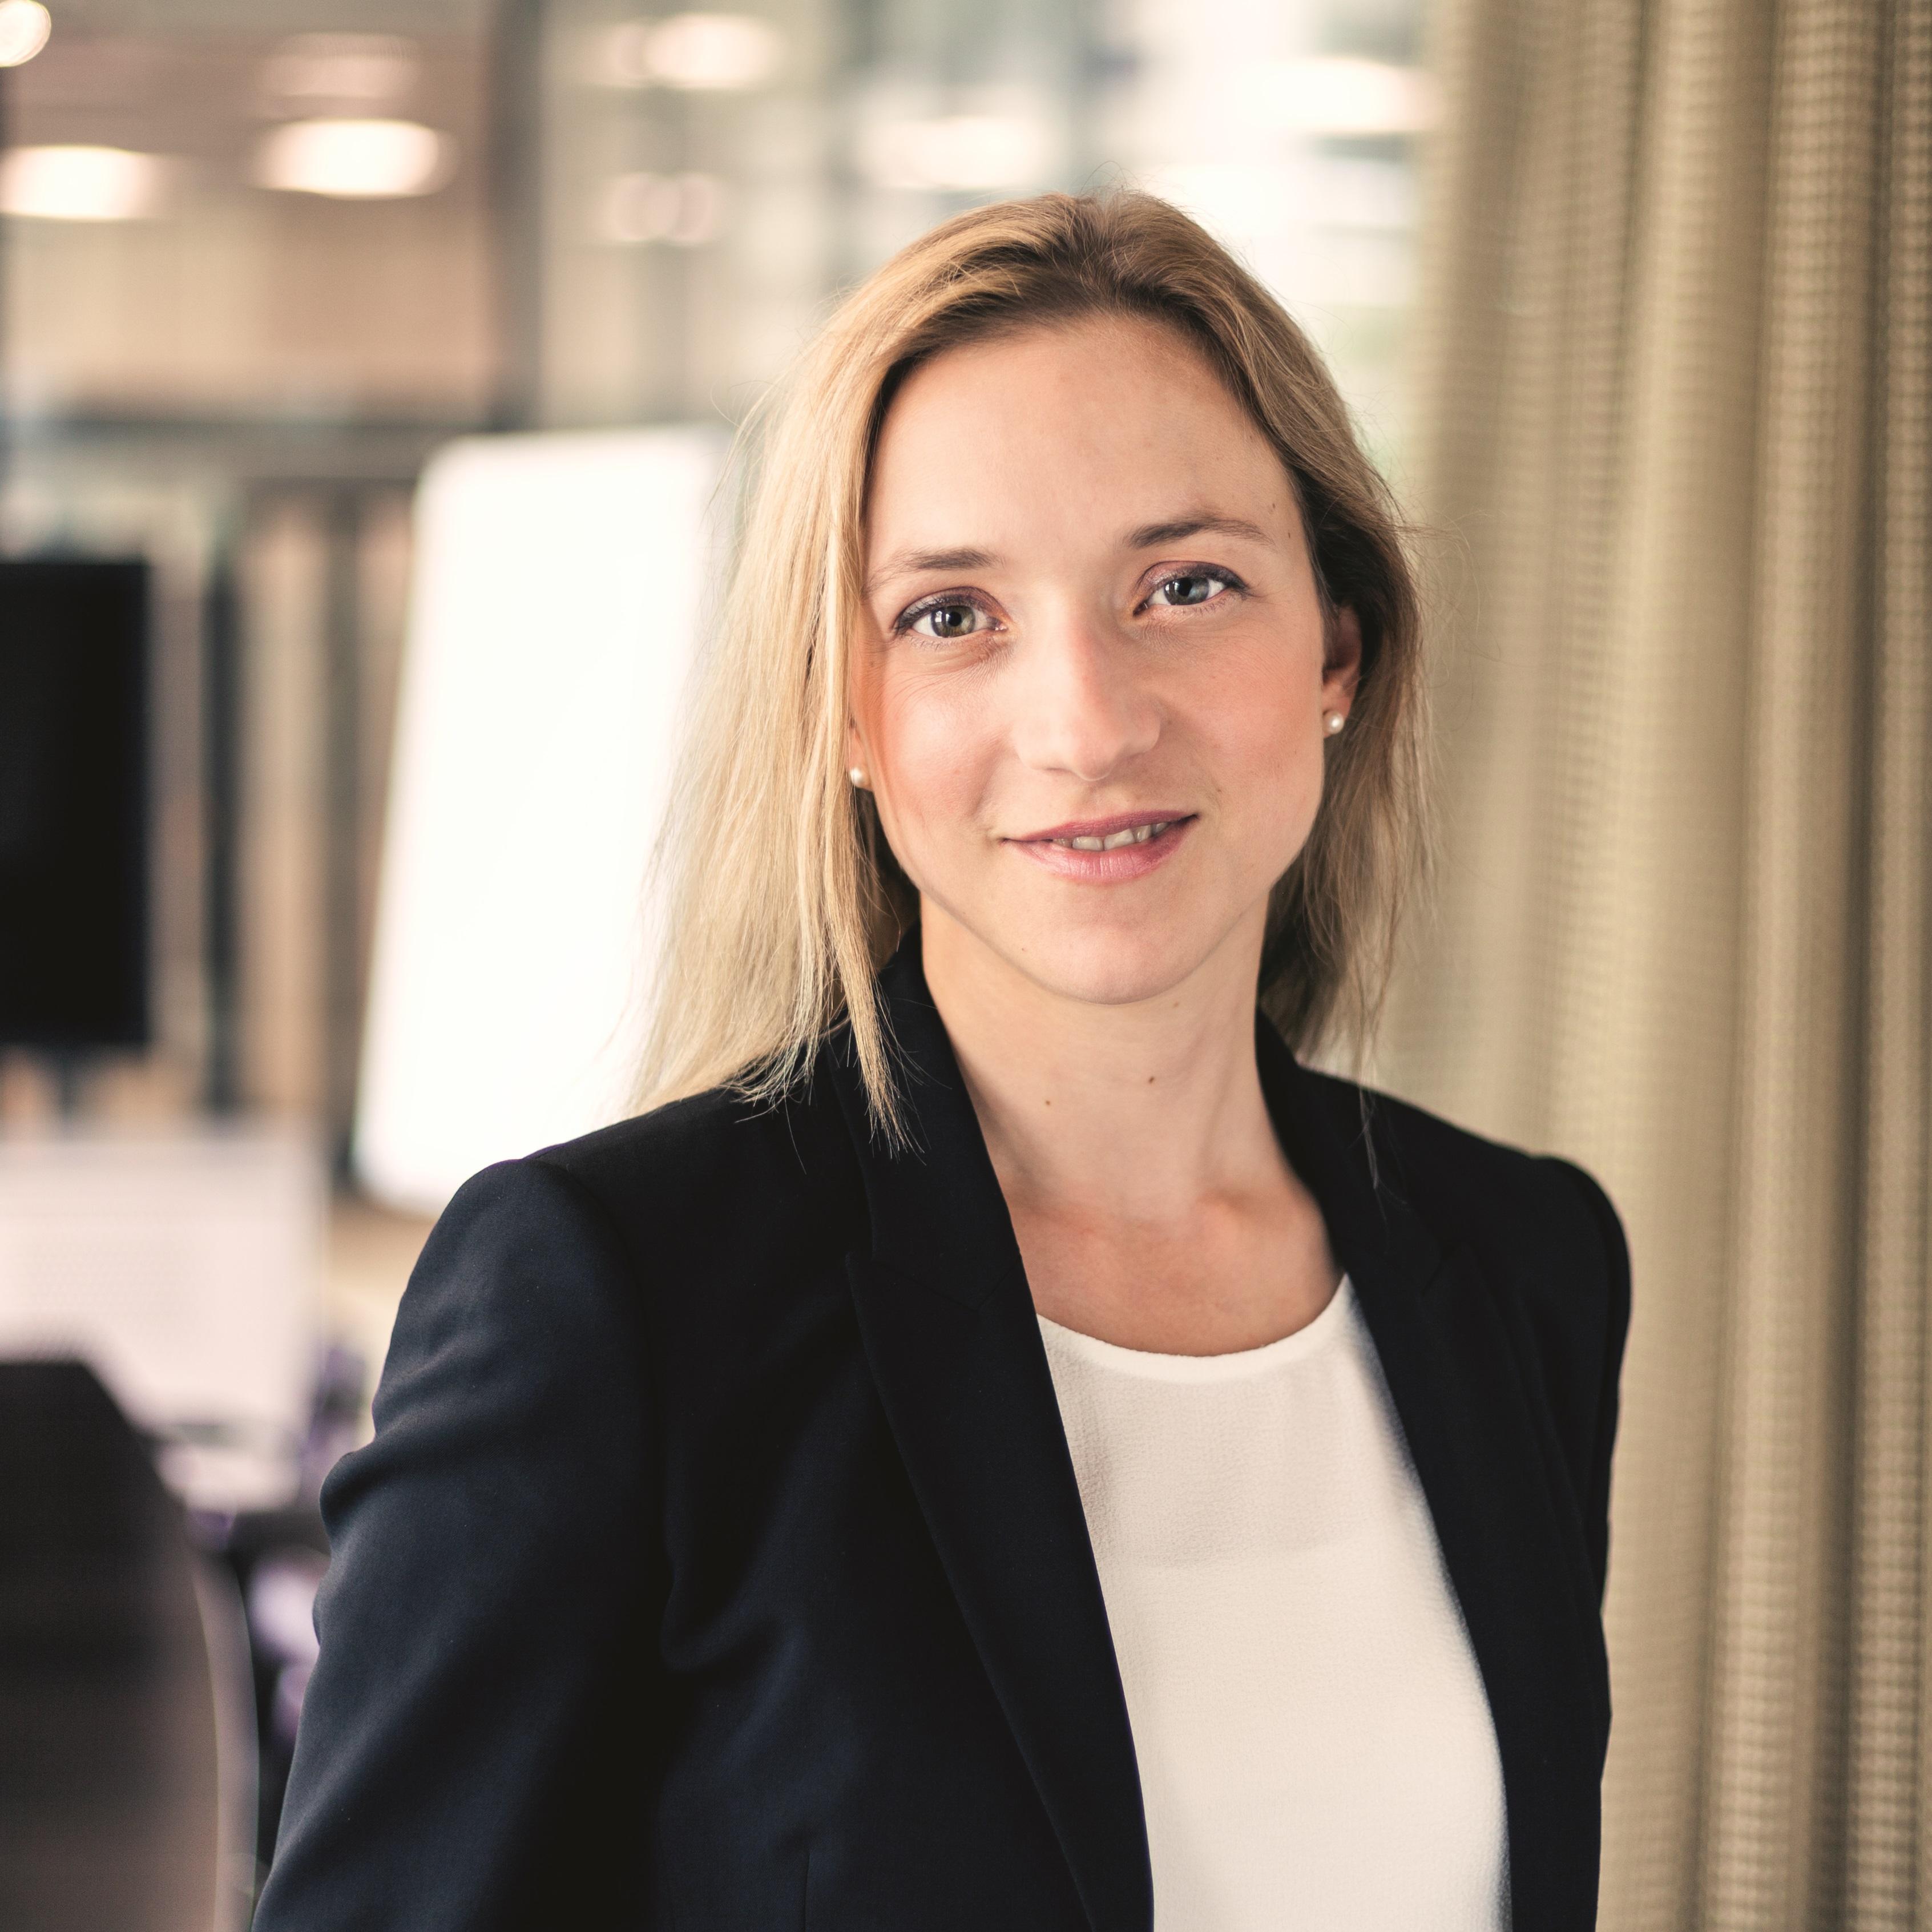 Dr. Alexandra Collm